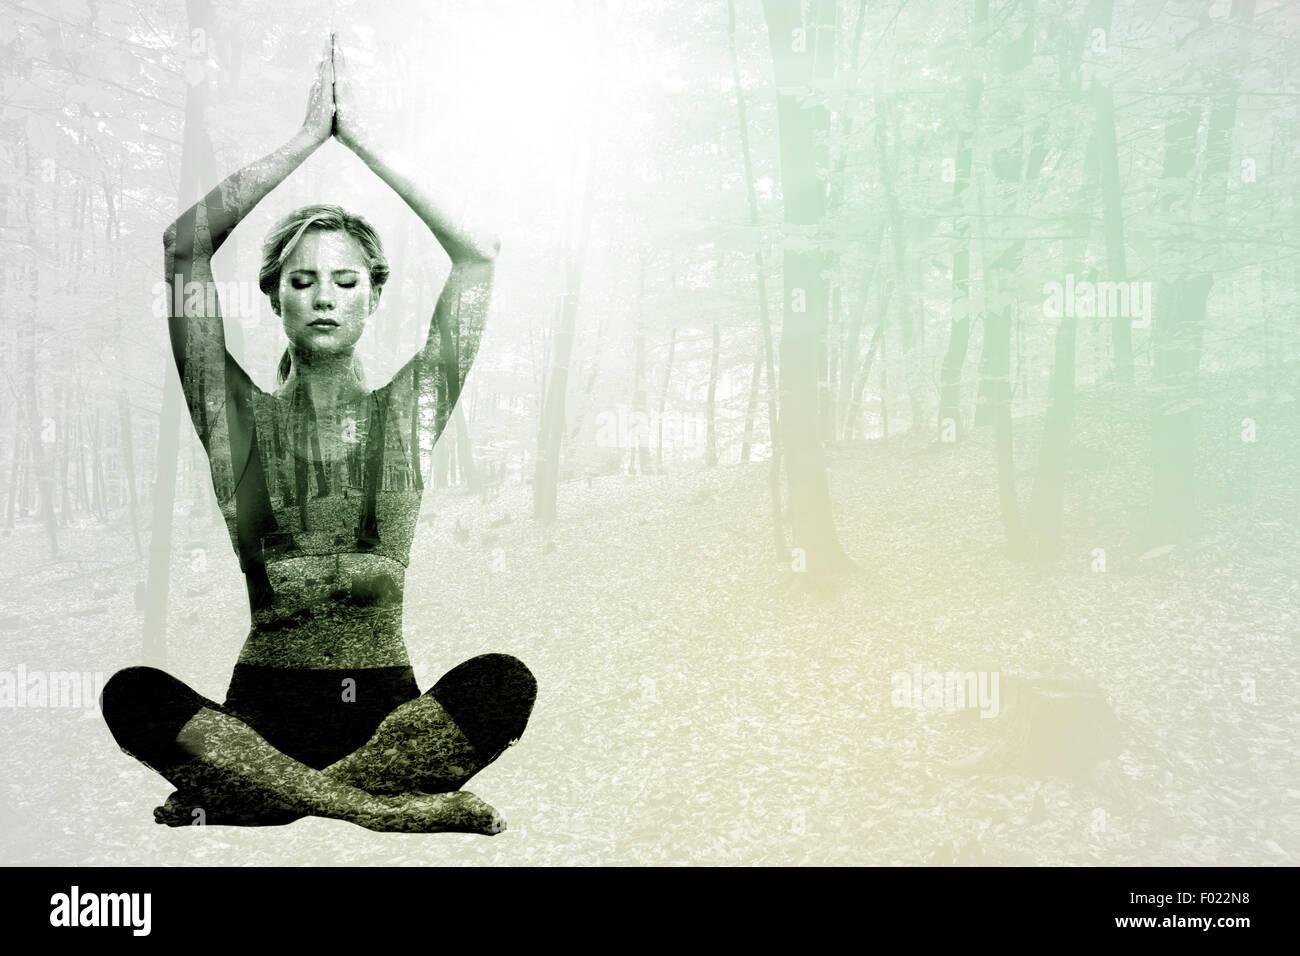 Immagine composita di calma bionda meditando in lotus pongono a braccia alzate Immagini Stock